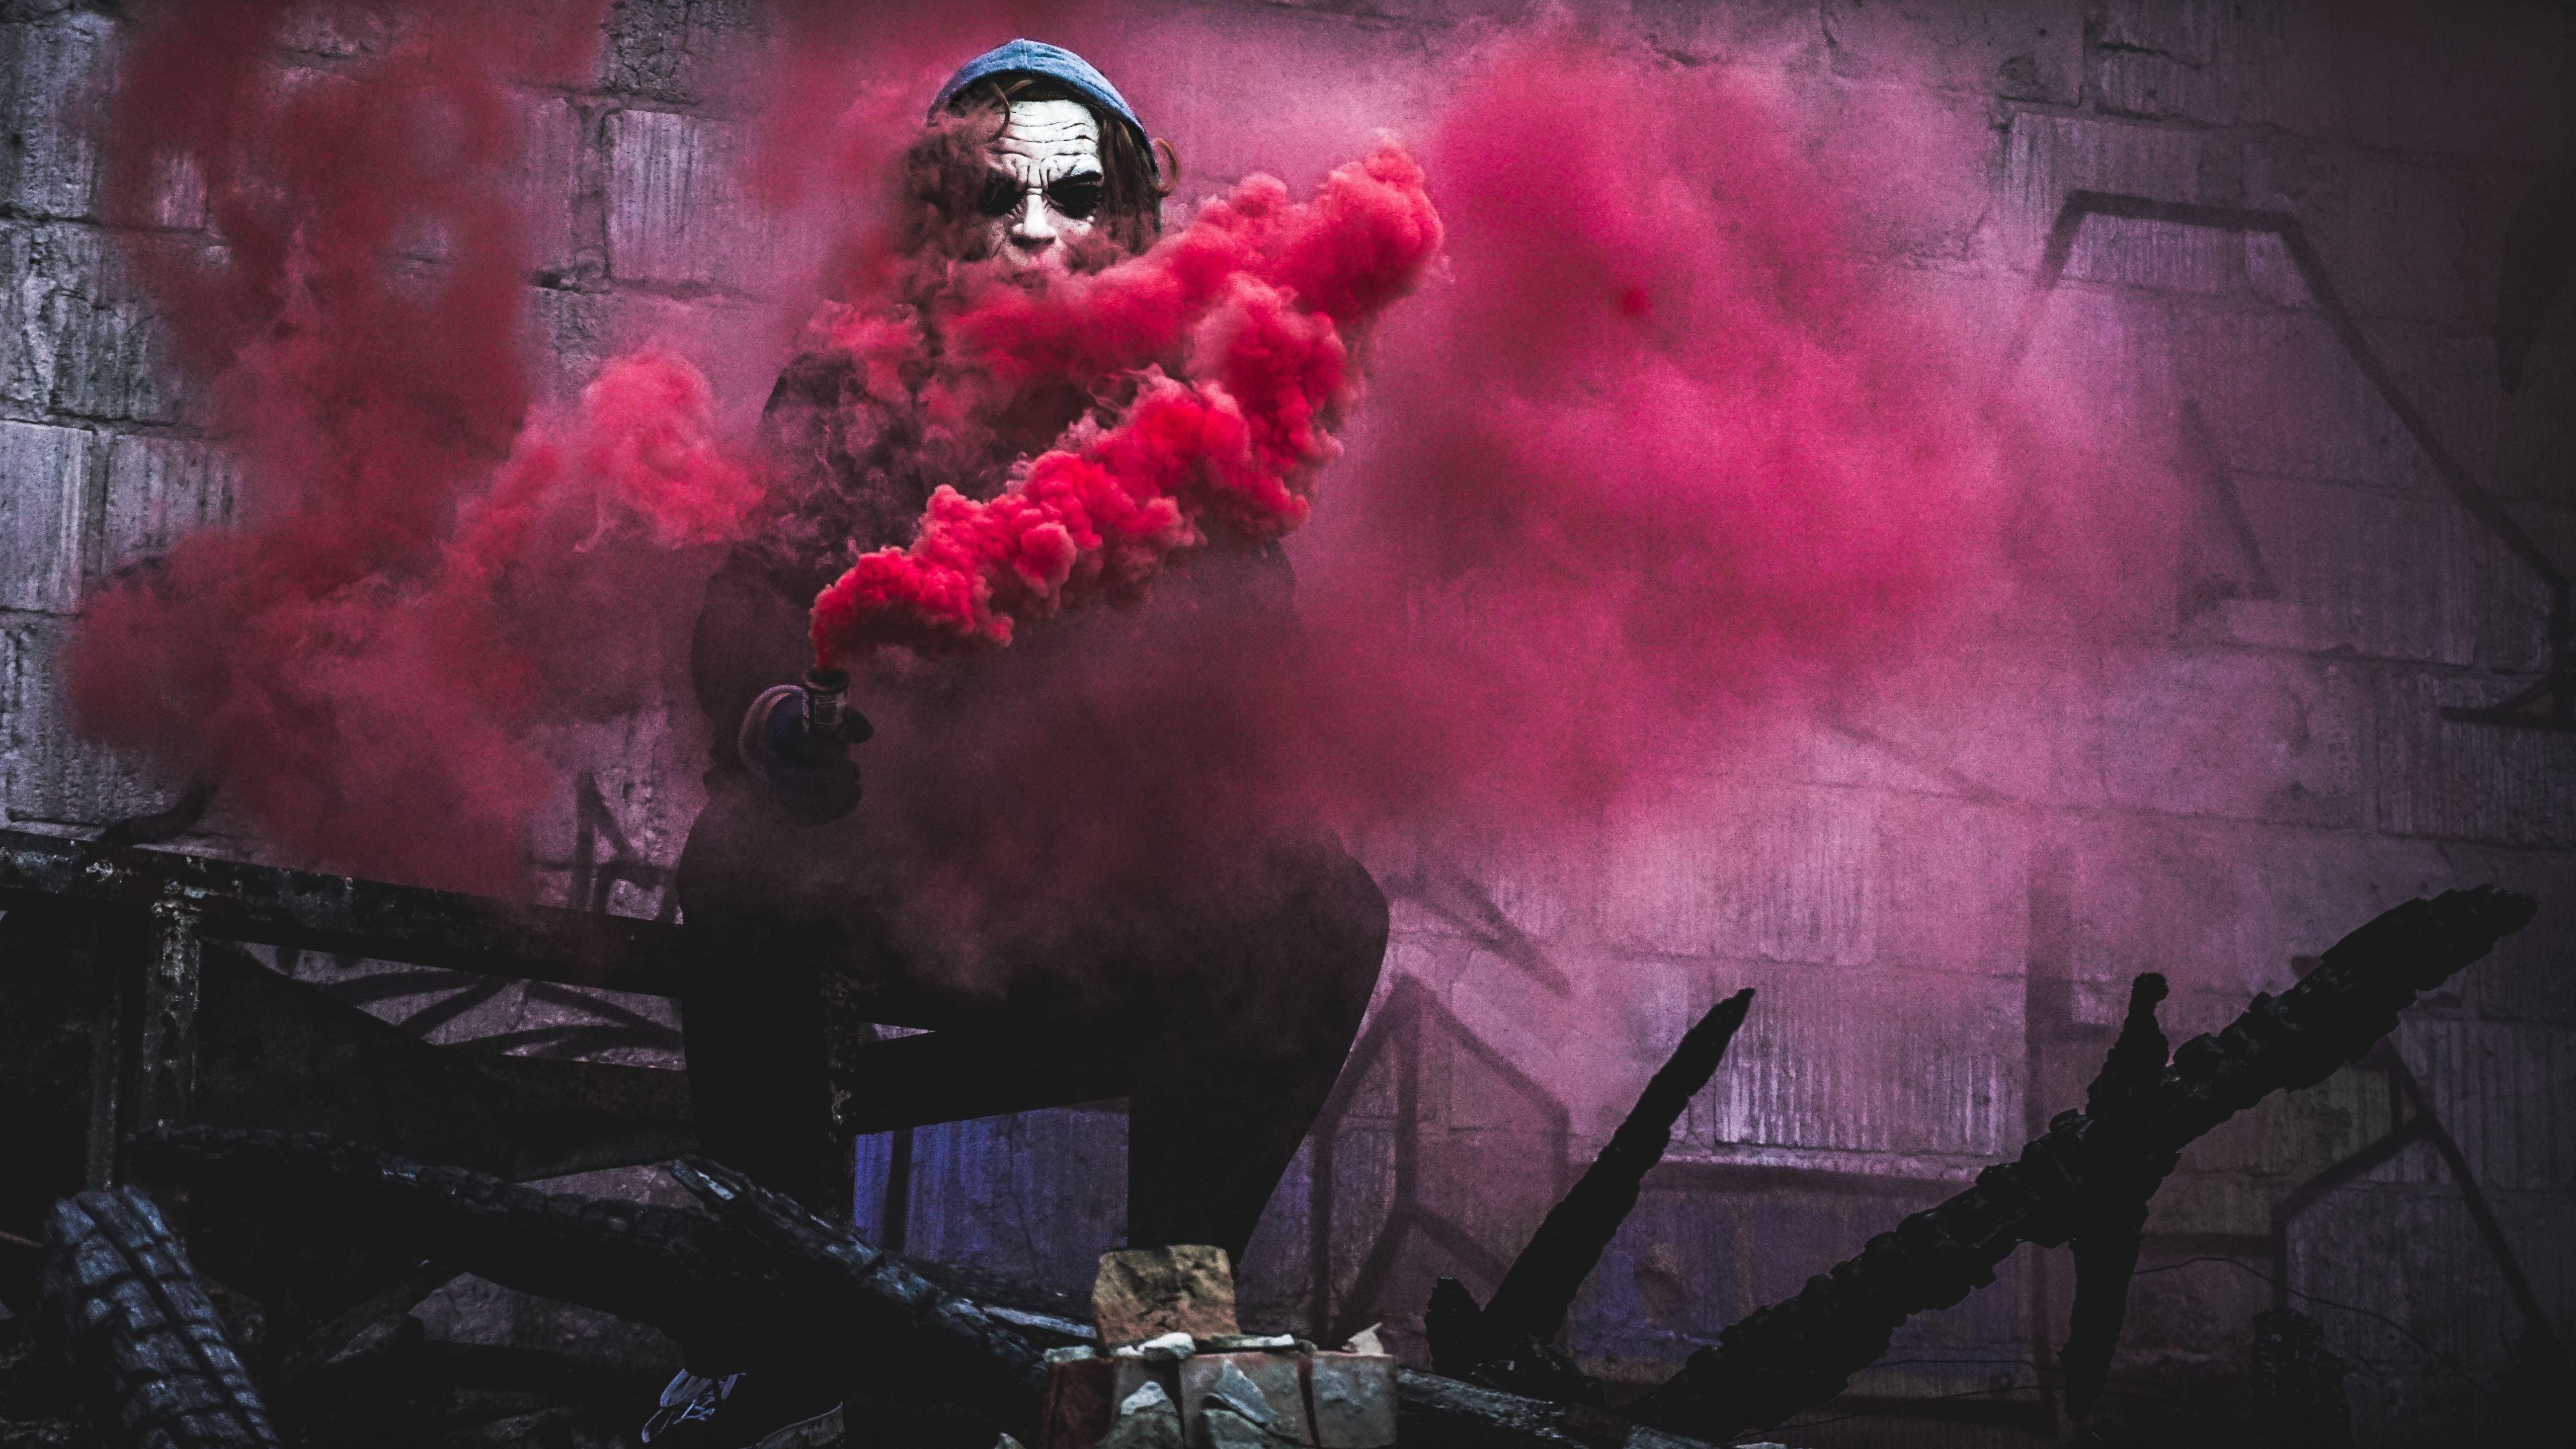 Red Smoke By Joker Hd Superheroes 4k Wallpapers Images